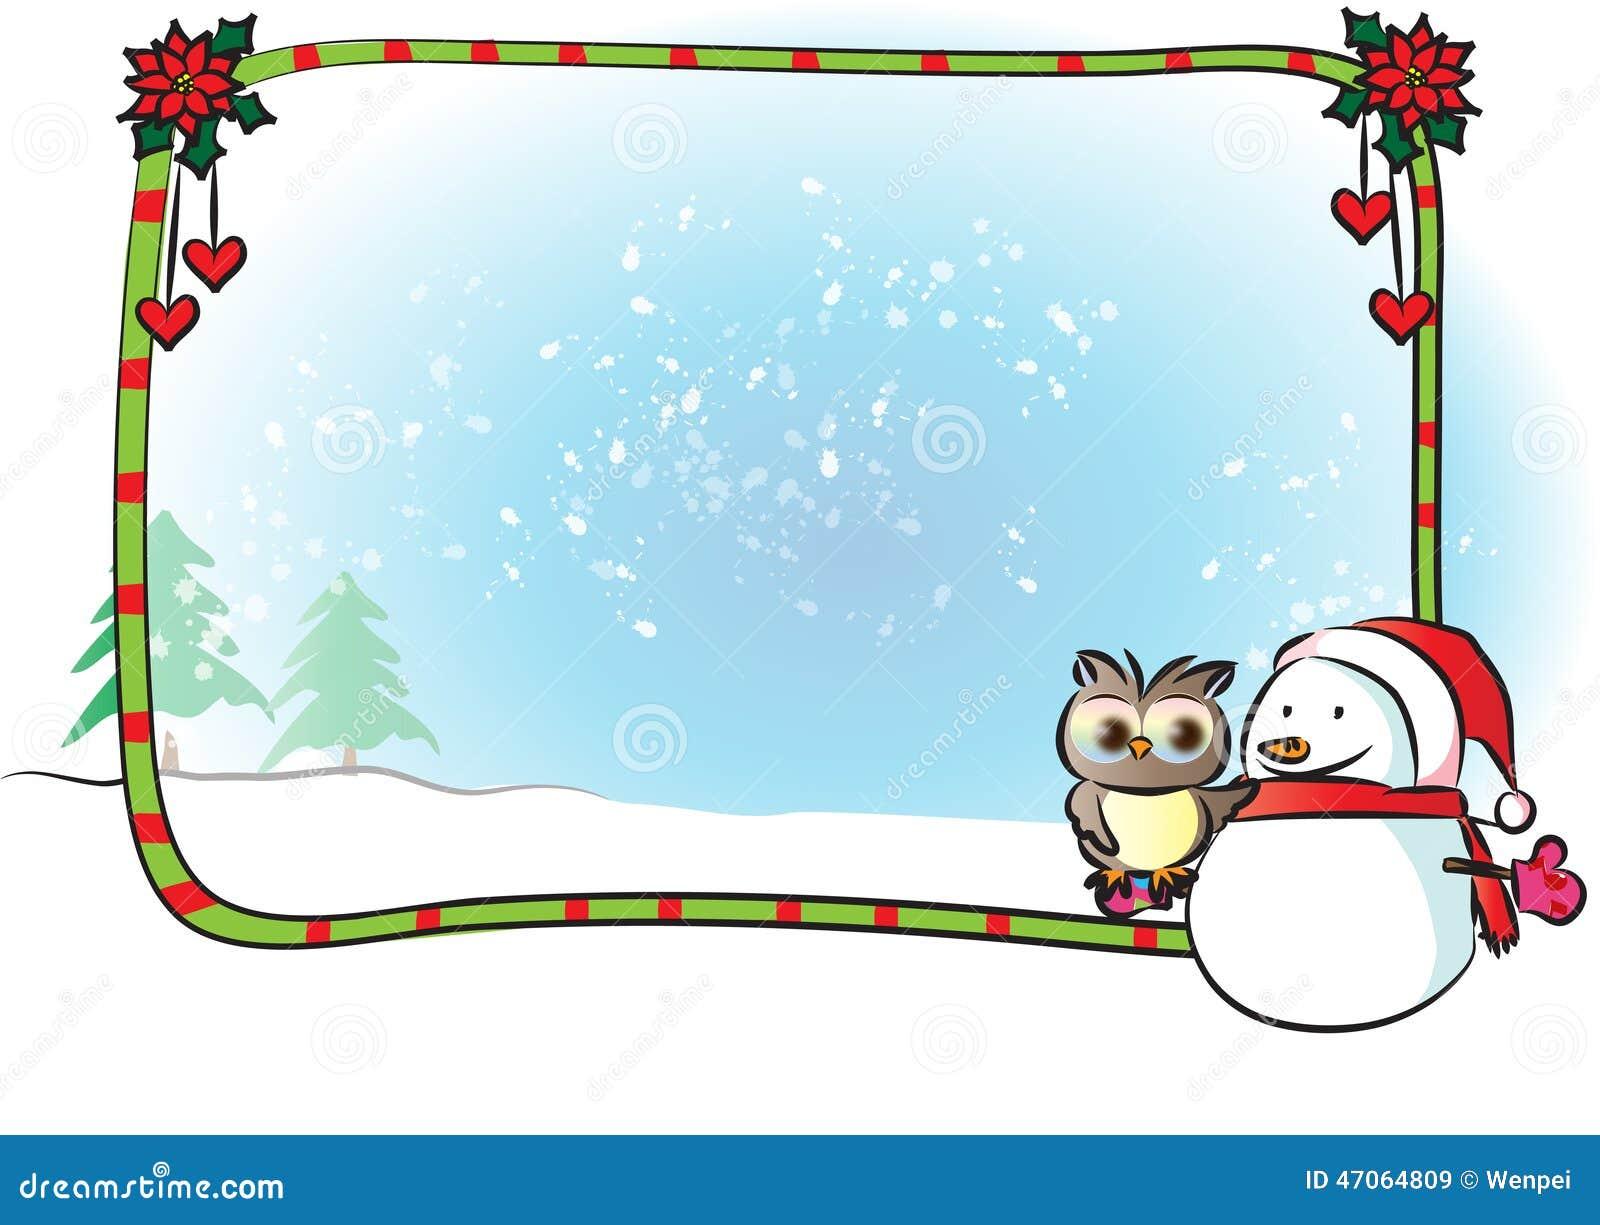 Merry Christmas Border Frame Stock Illustration - Image ...